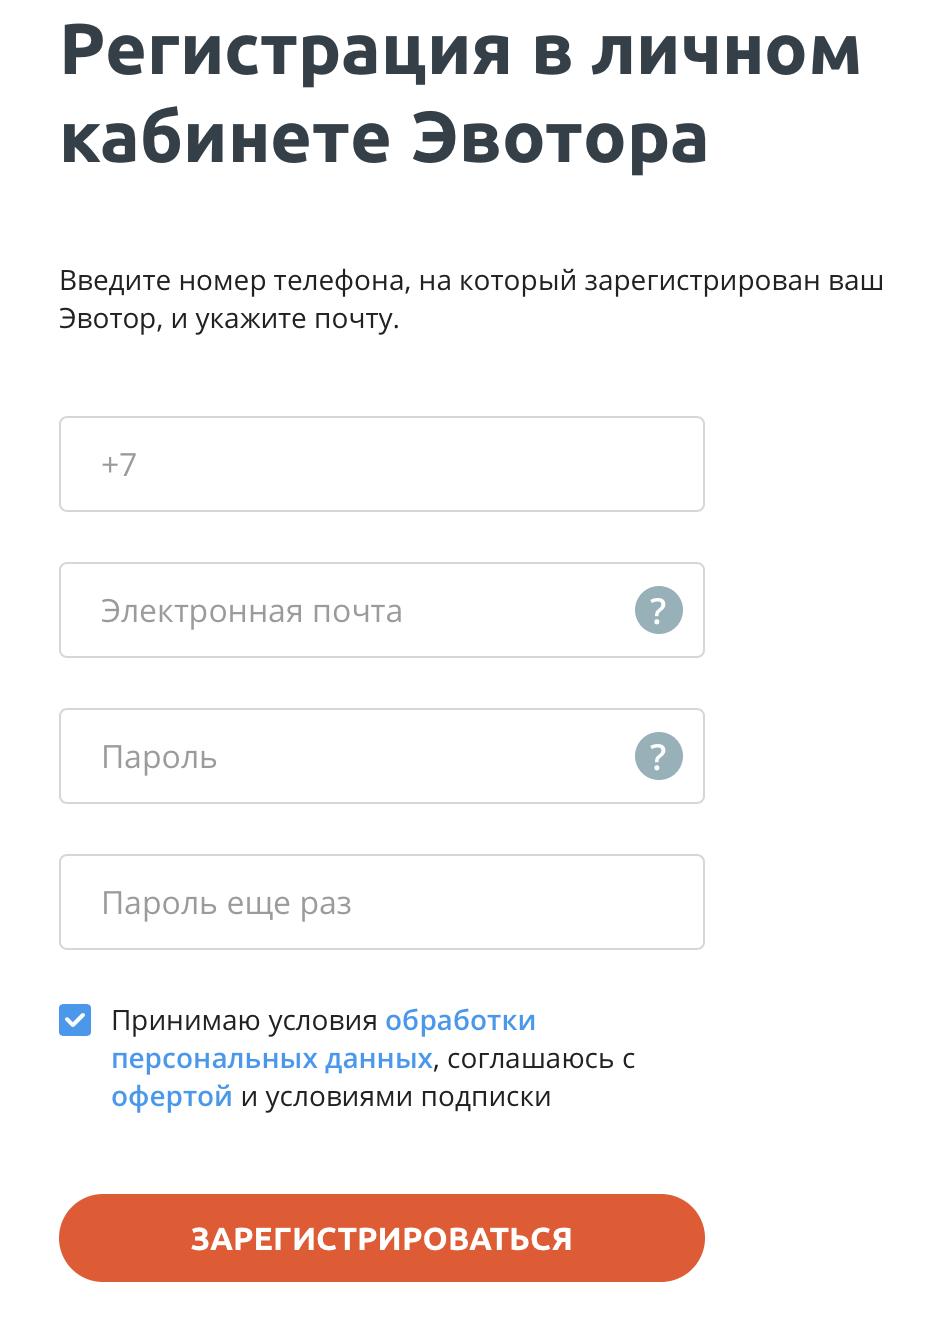 Регистрация личного кабинета Эвотор